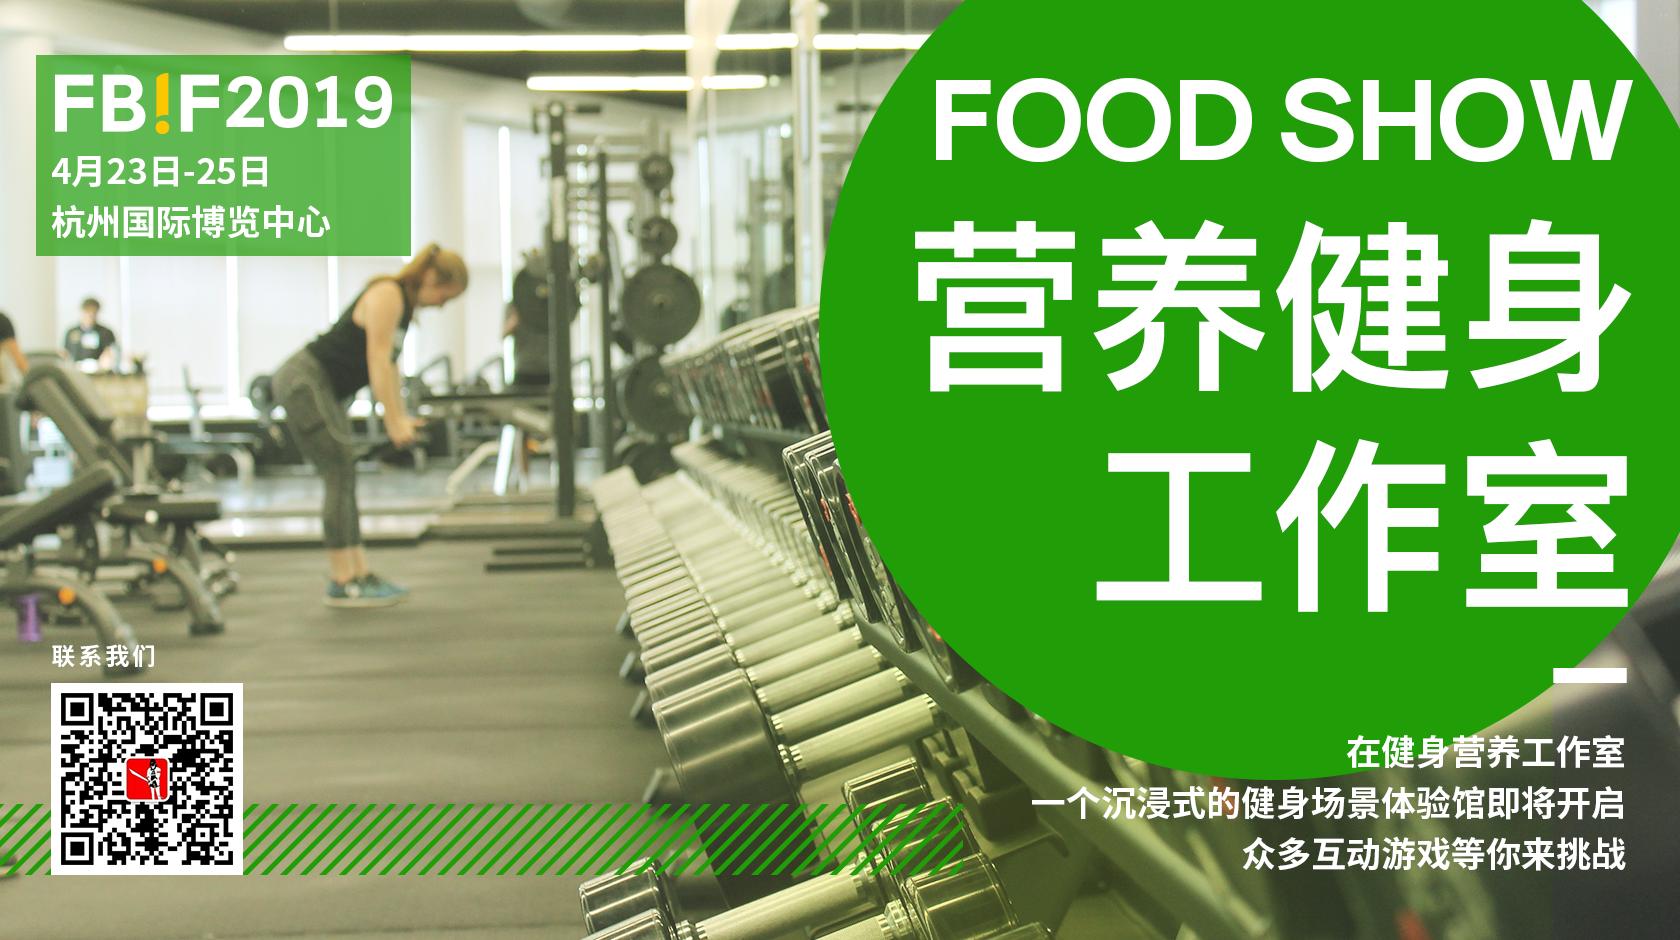 11-营养健身工作室.png